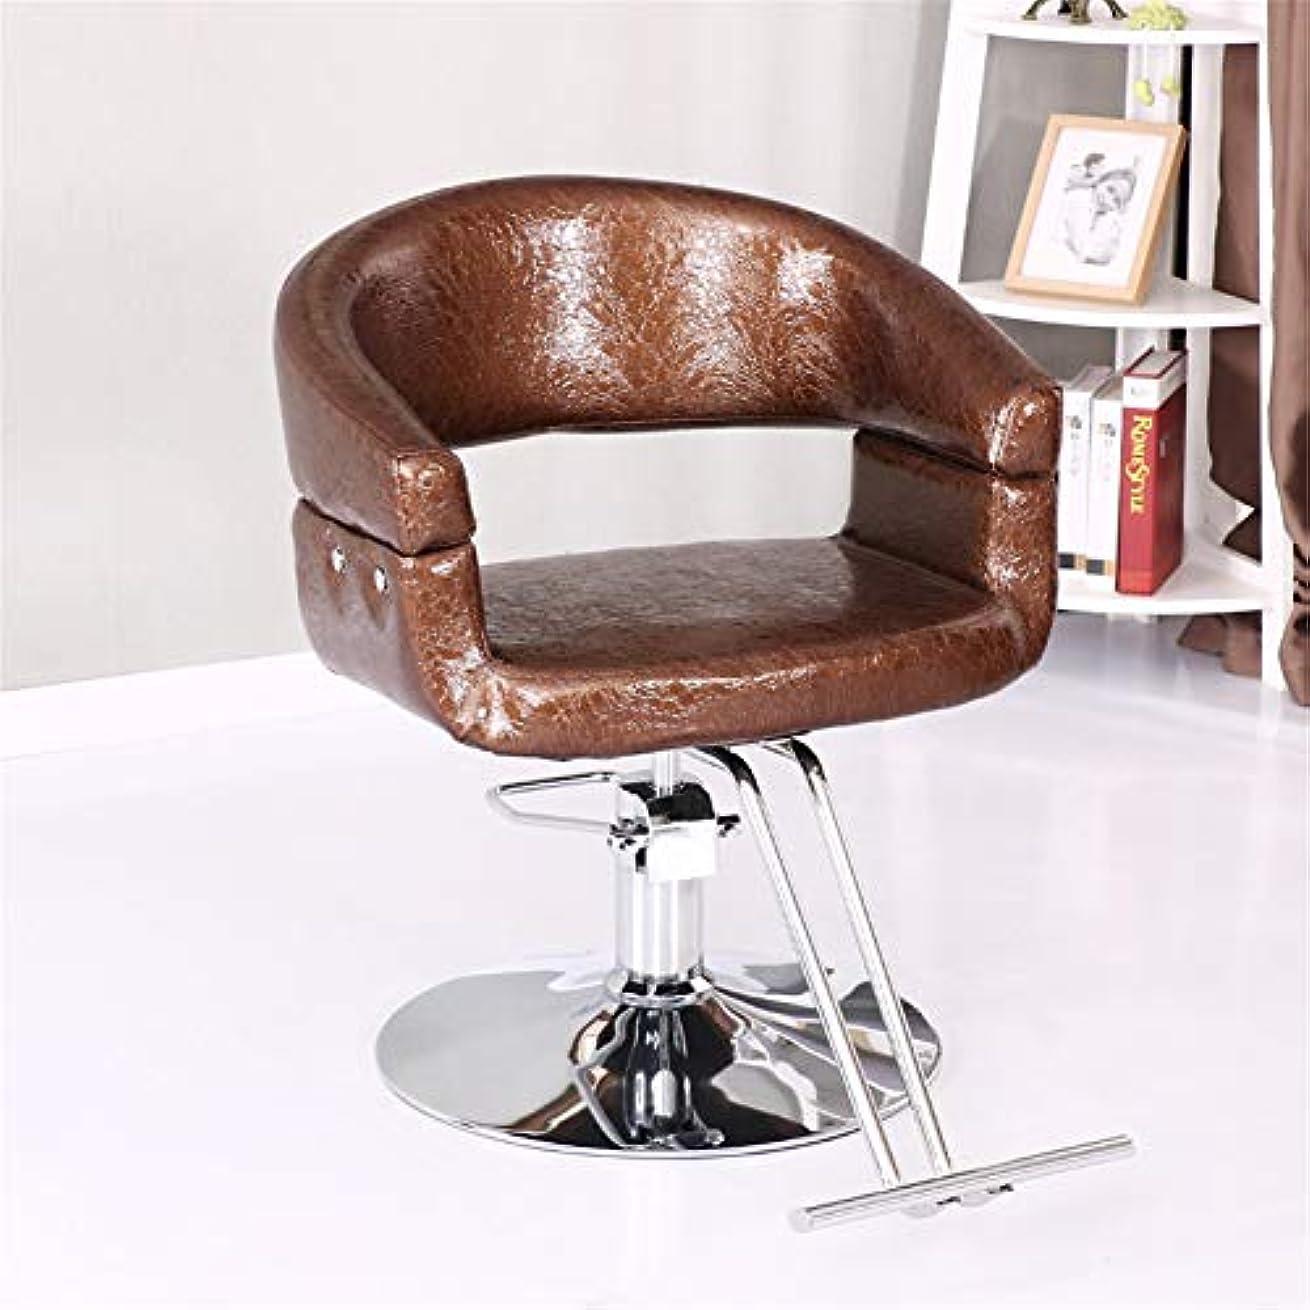 フルーティーカイウスパワーSalon Chair Fashion Hydraulic Barber Chair Styling Beauty Salon Equipment Round Base Stable Comfort,Brown,B